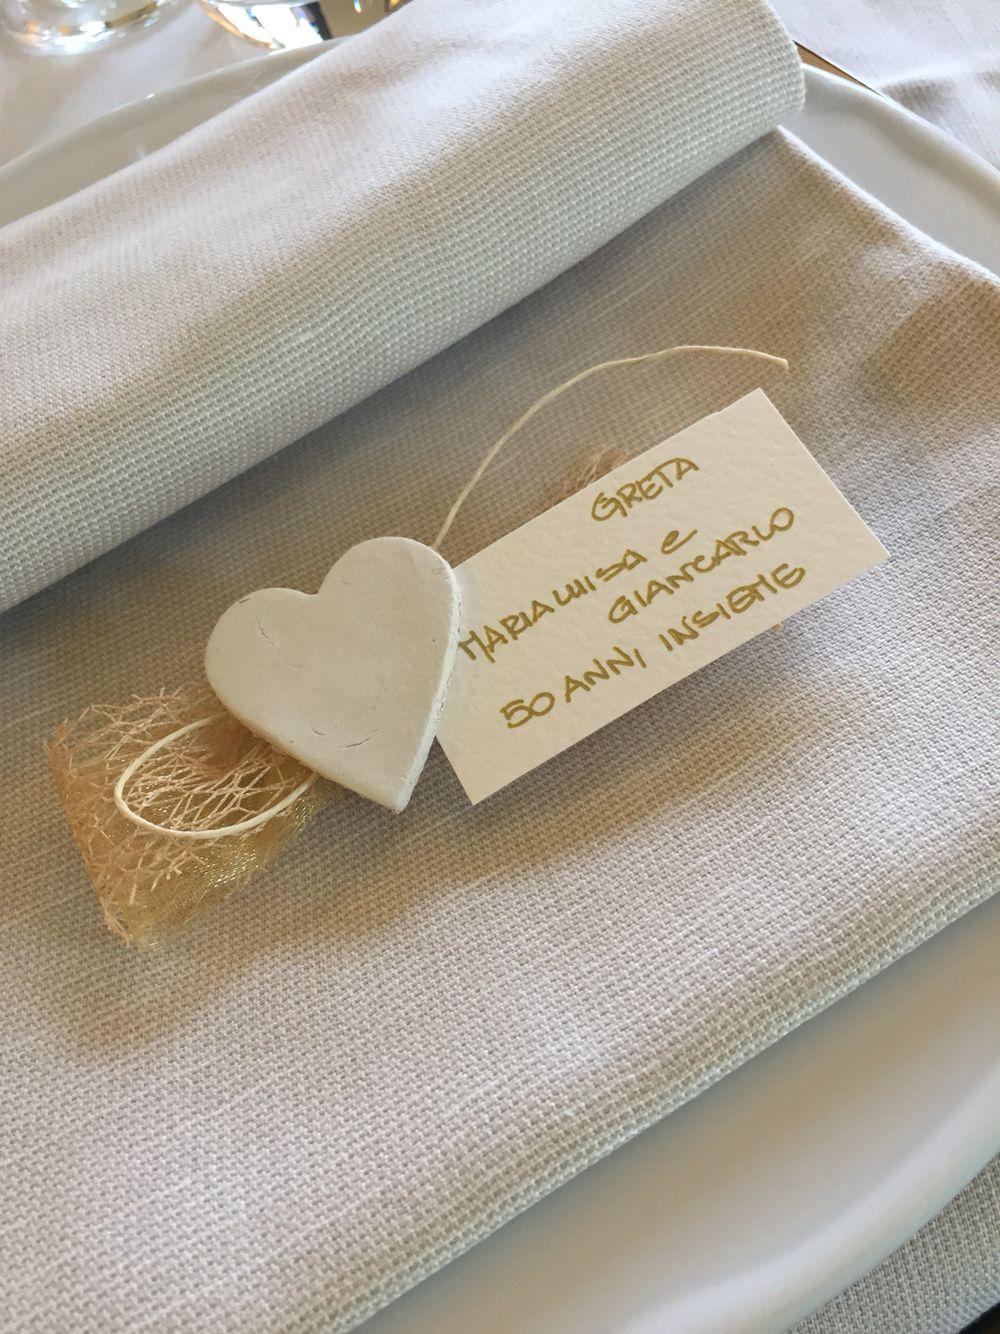 Segnaposto Handmade Oro Nozzeoro Anniversario Segnaposto Matrimonio Allestimenti Weddi Nozze D Oro Segnaposto Matrimonio Segnaposto Matrimonio Fai Da Te